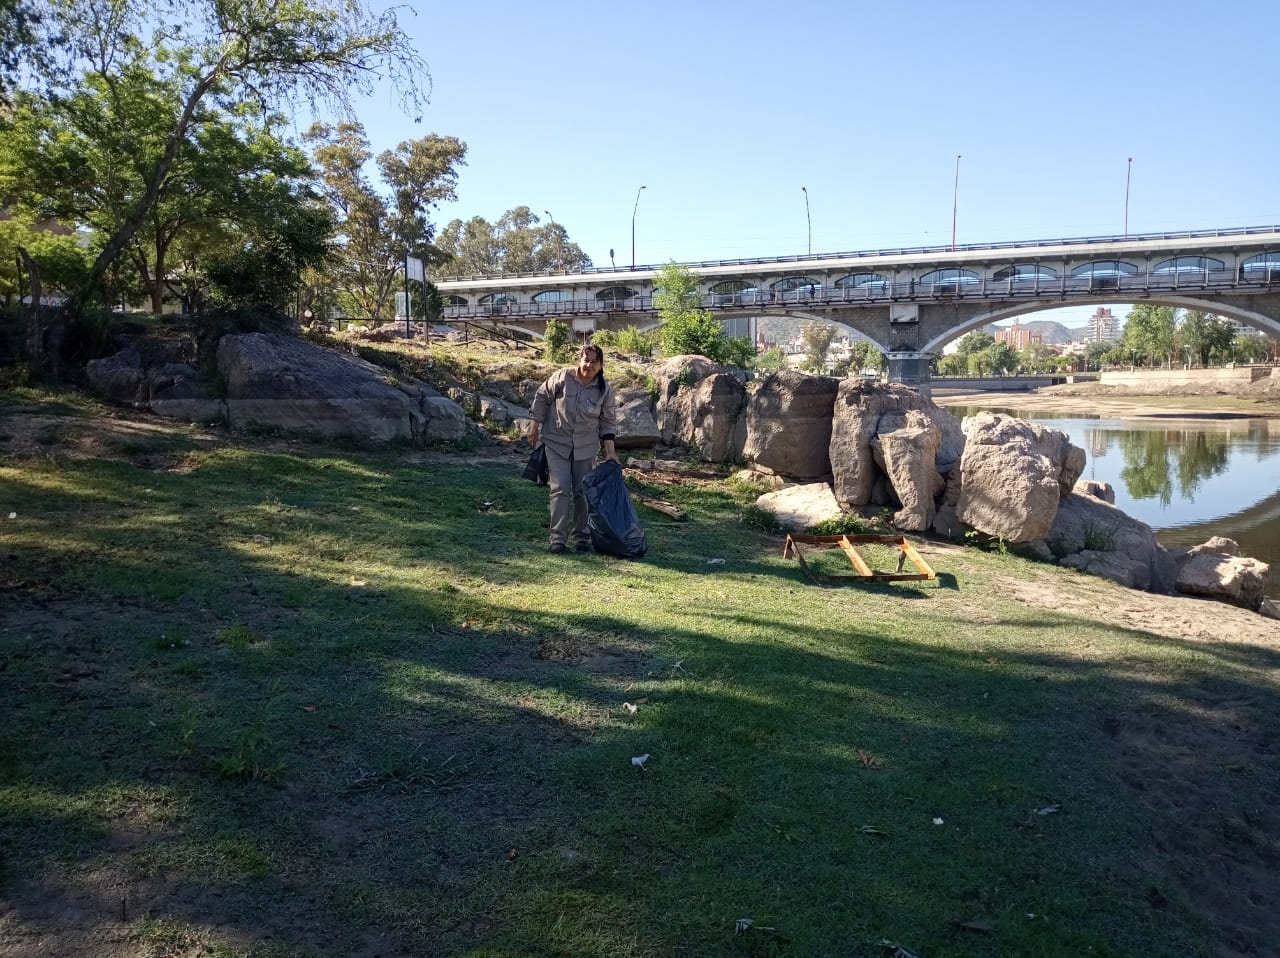 Siguen los trabajos de limpieza en las márgenes del lago San Roque - El Diario de Carlos Paz